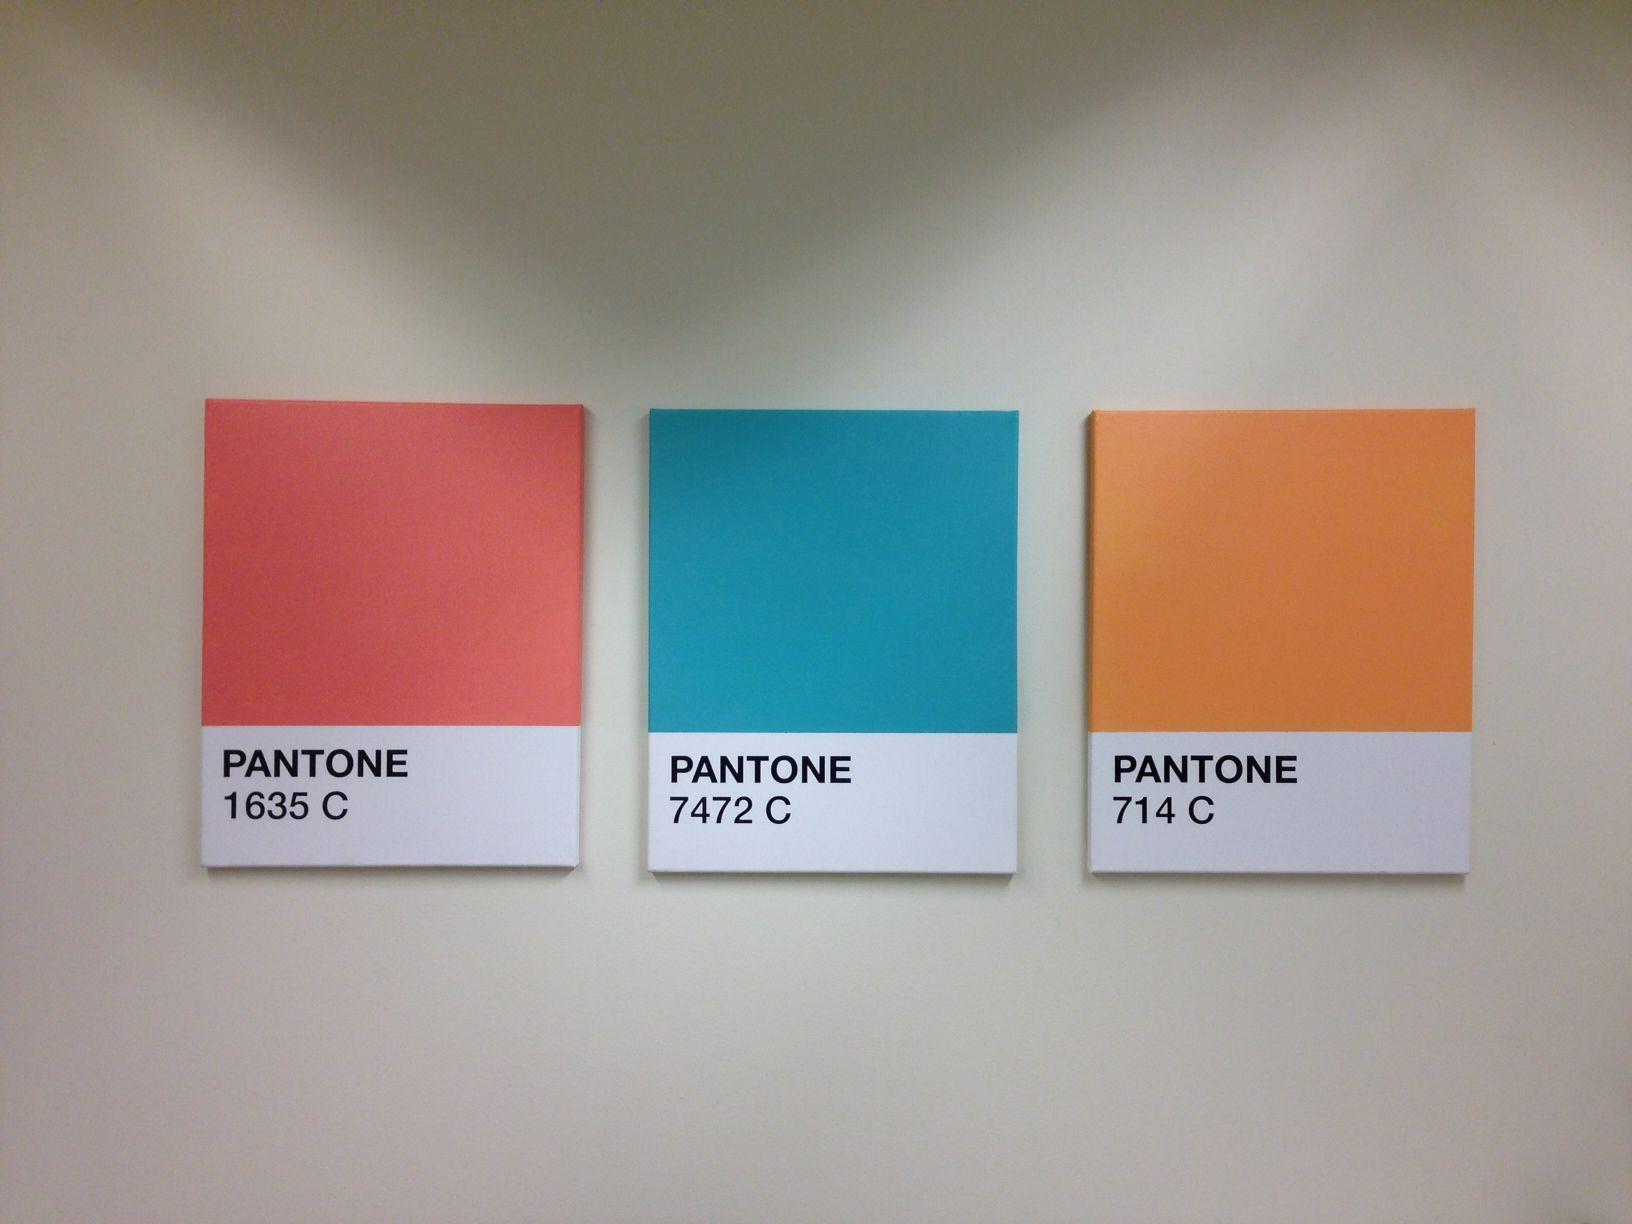 6a5c9dc4f58d Pantone Canvas Wall Art Color Swatch | Color Me Happy | Canvas art ...